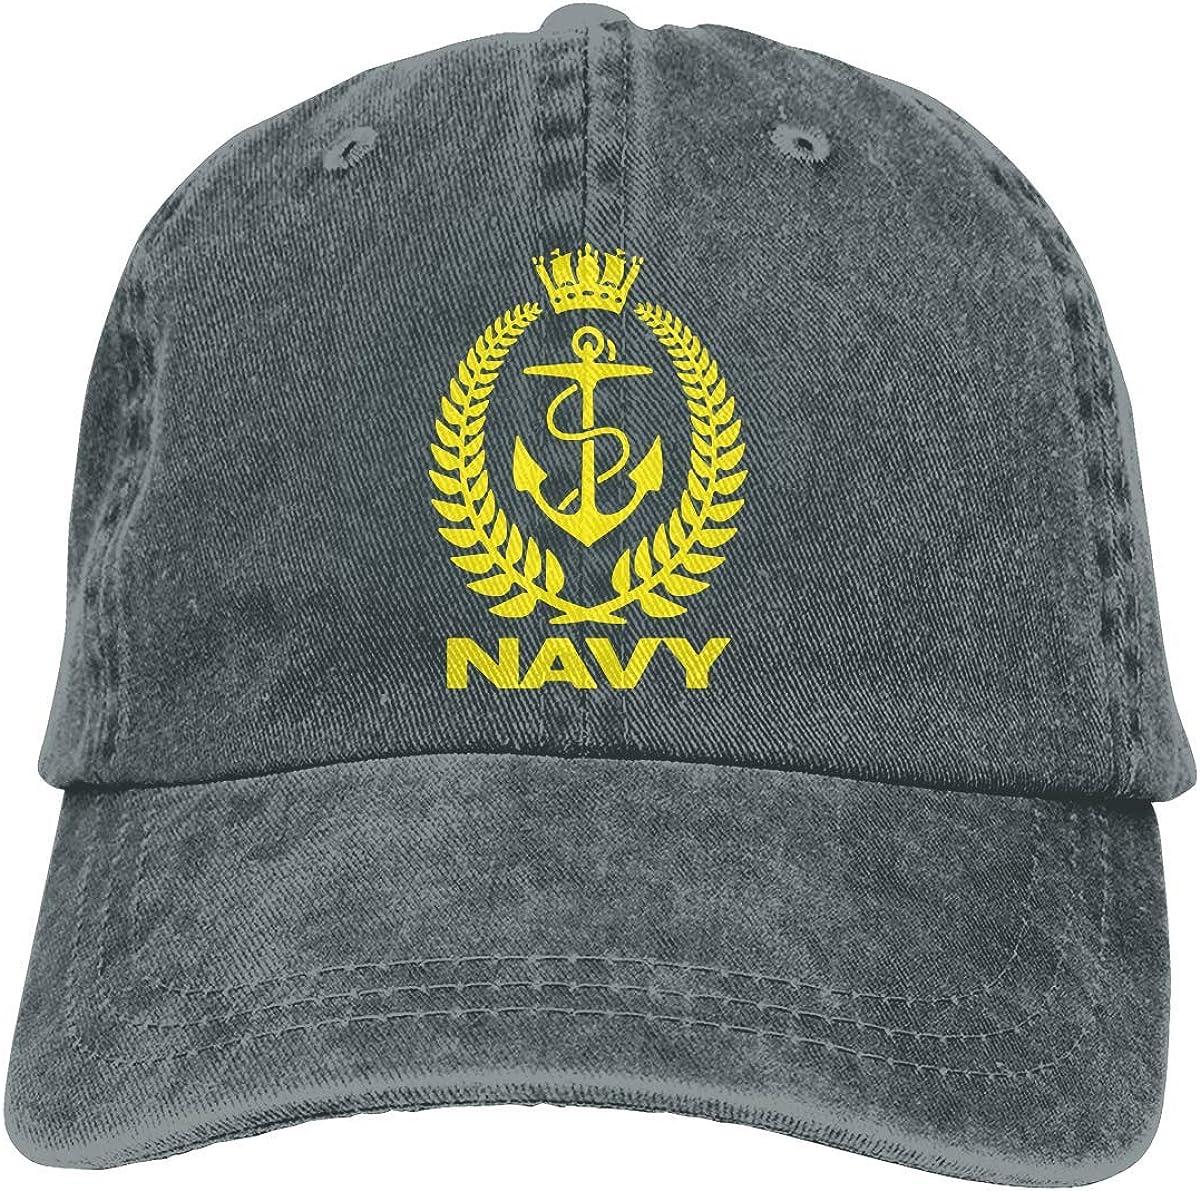 Royal New Zealand Navy Unisex Baseball Hat Cowboy Cap Sun Hats Trucker Hats